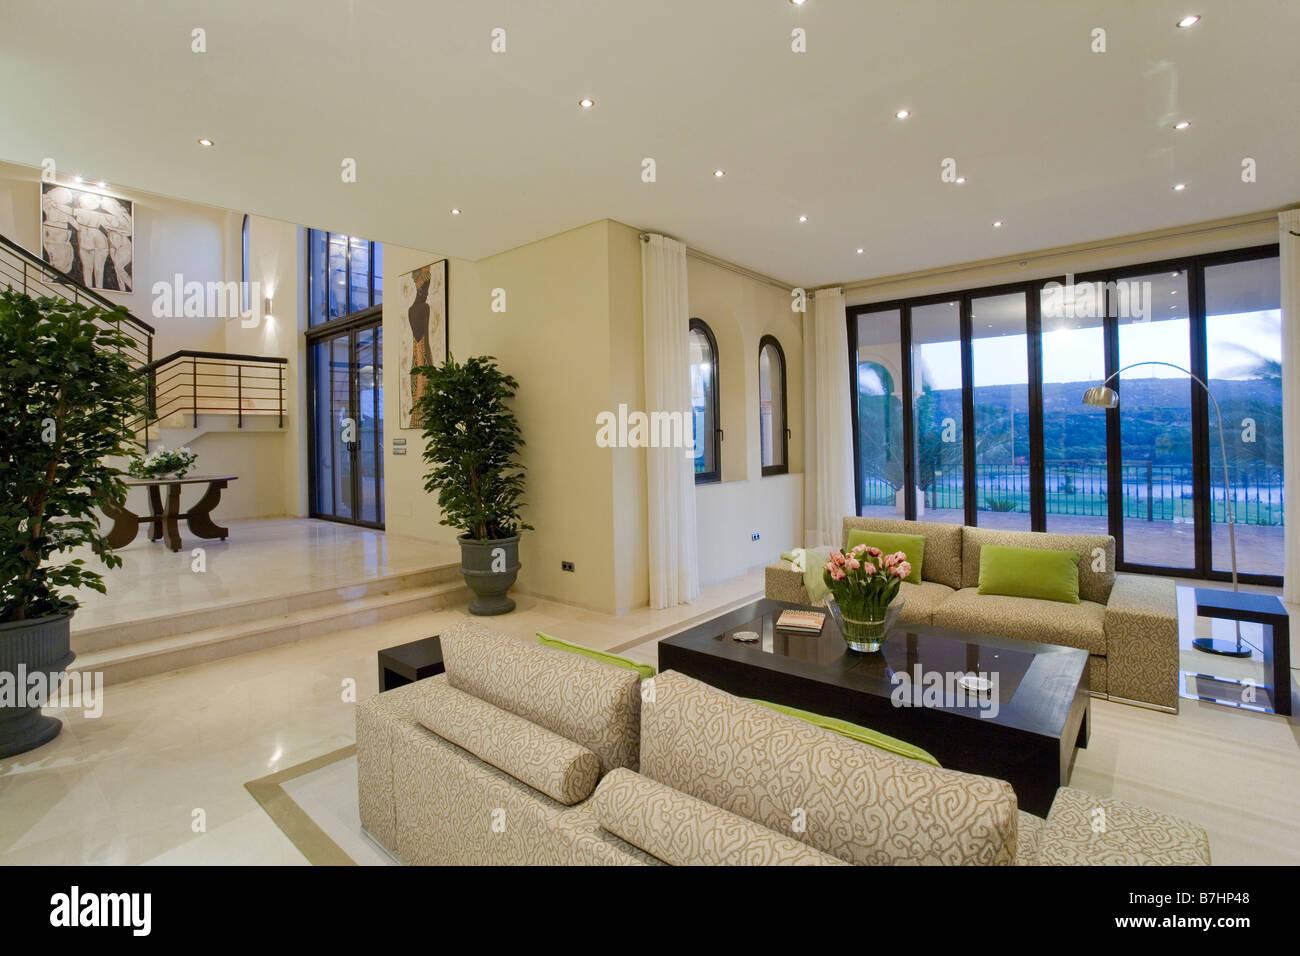 Divani Beige e nero tavolino in grandi openplan soggiorno in ...